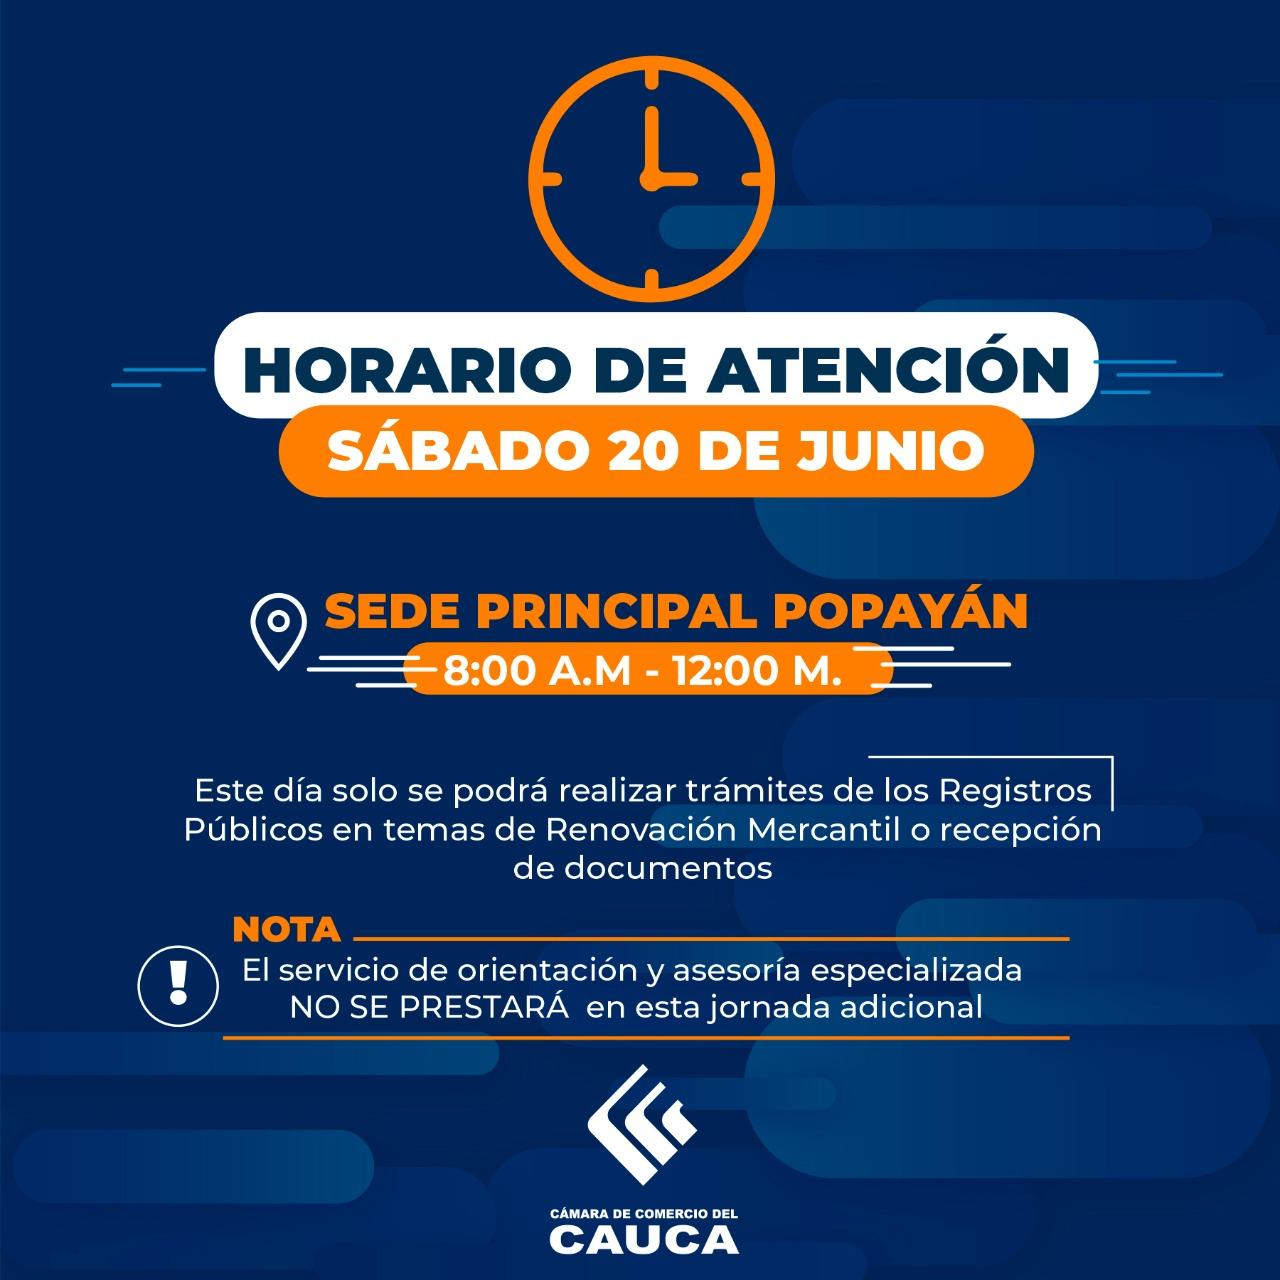 Aviso Importante | Horarios de Atención sábado 20 de junio de 2020